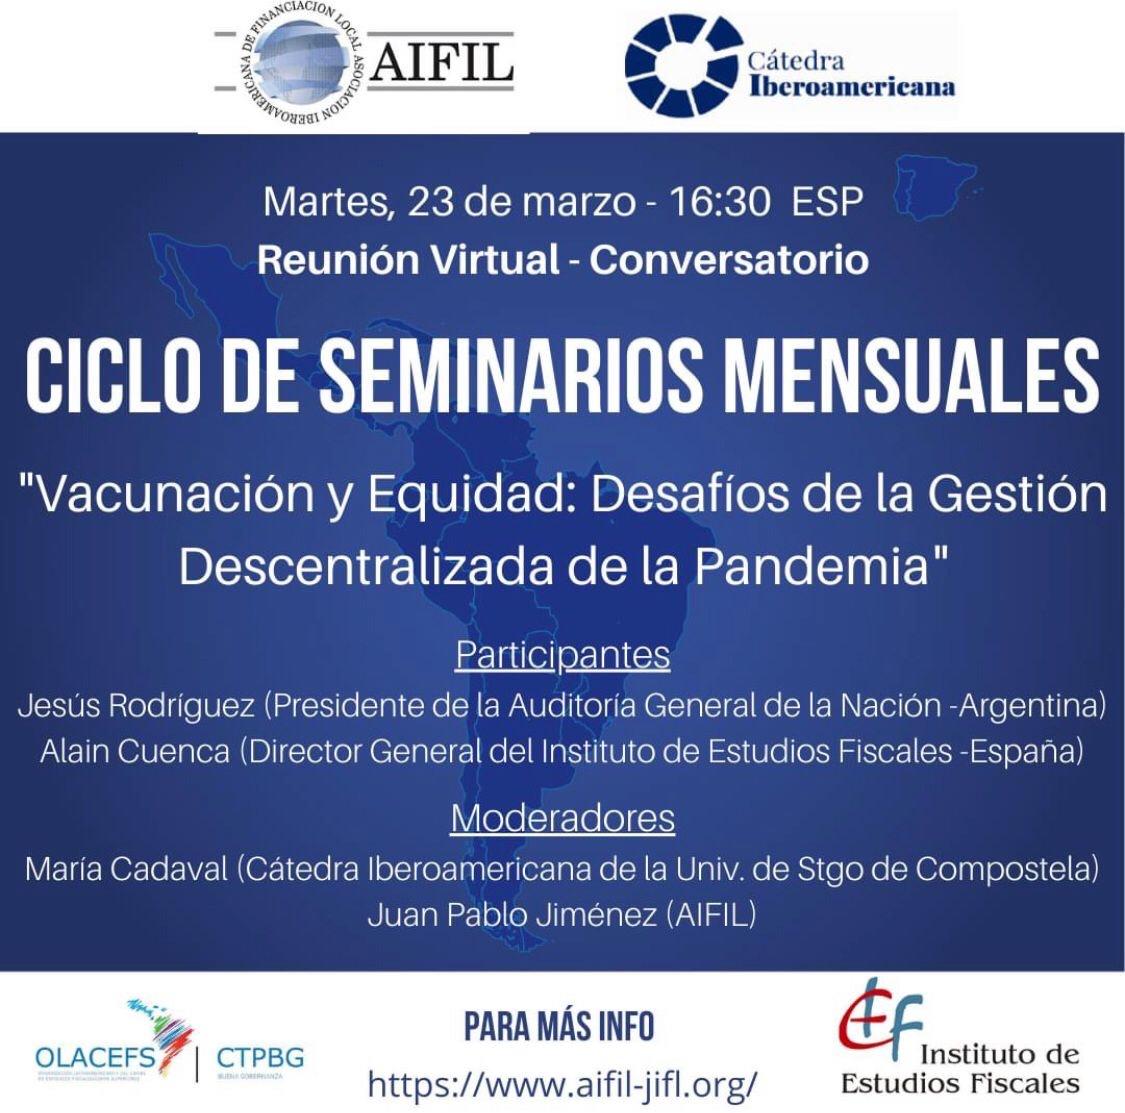 VIII Encuentro Conversaciones Iberamericanas en colaboración con AIFIL: Vacunación y Equidad